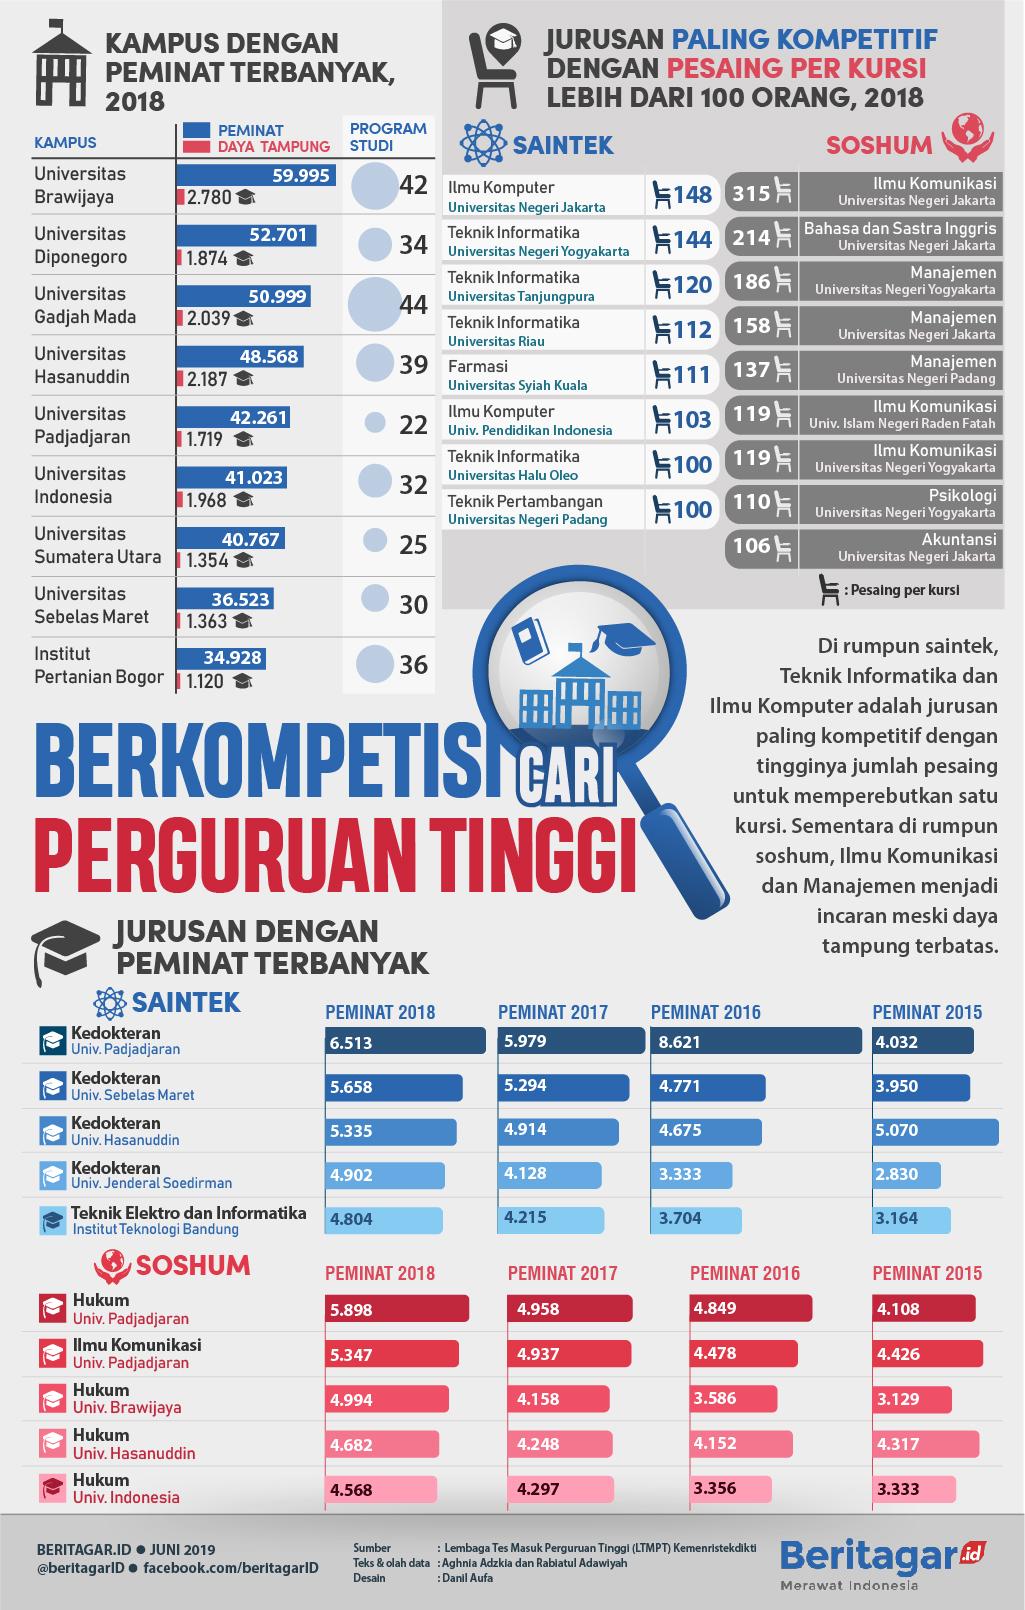 Infografis Berkompetisi Cari Perguruan Tinggi